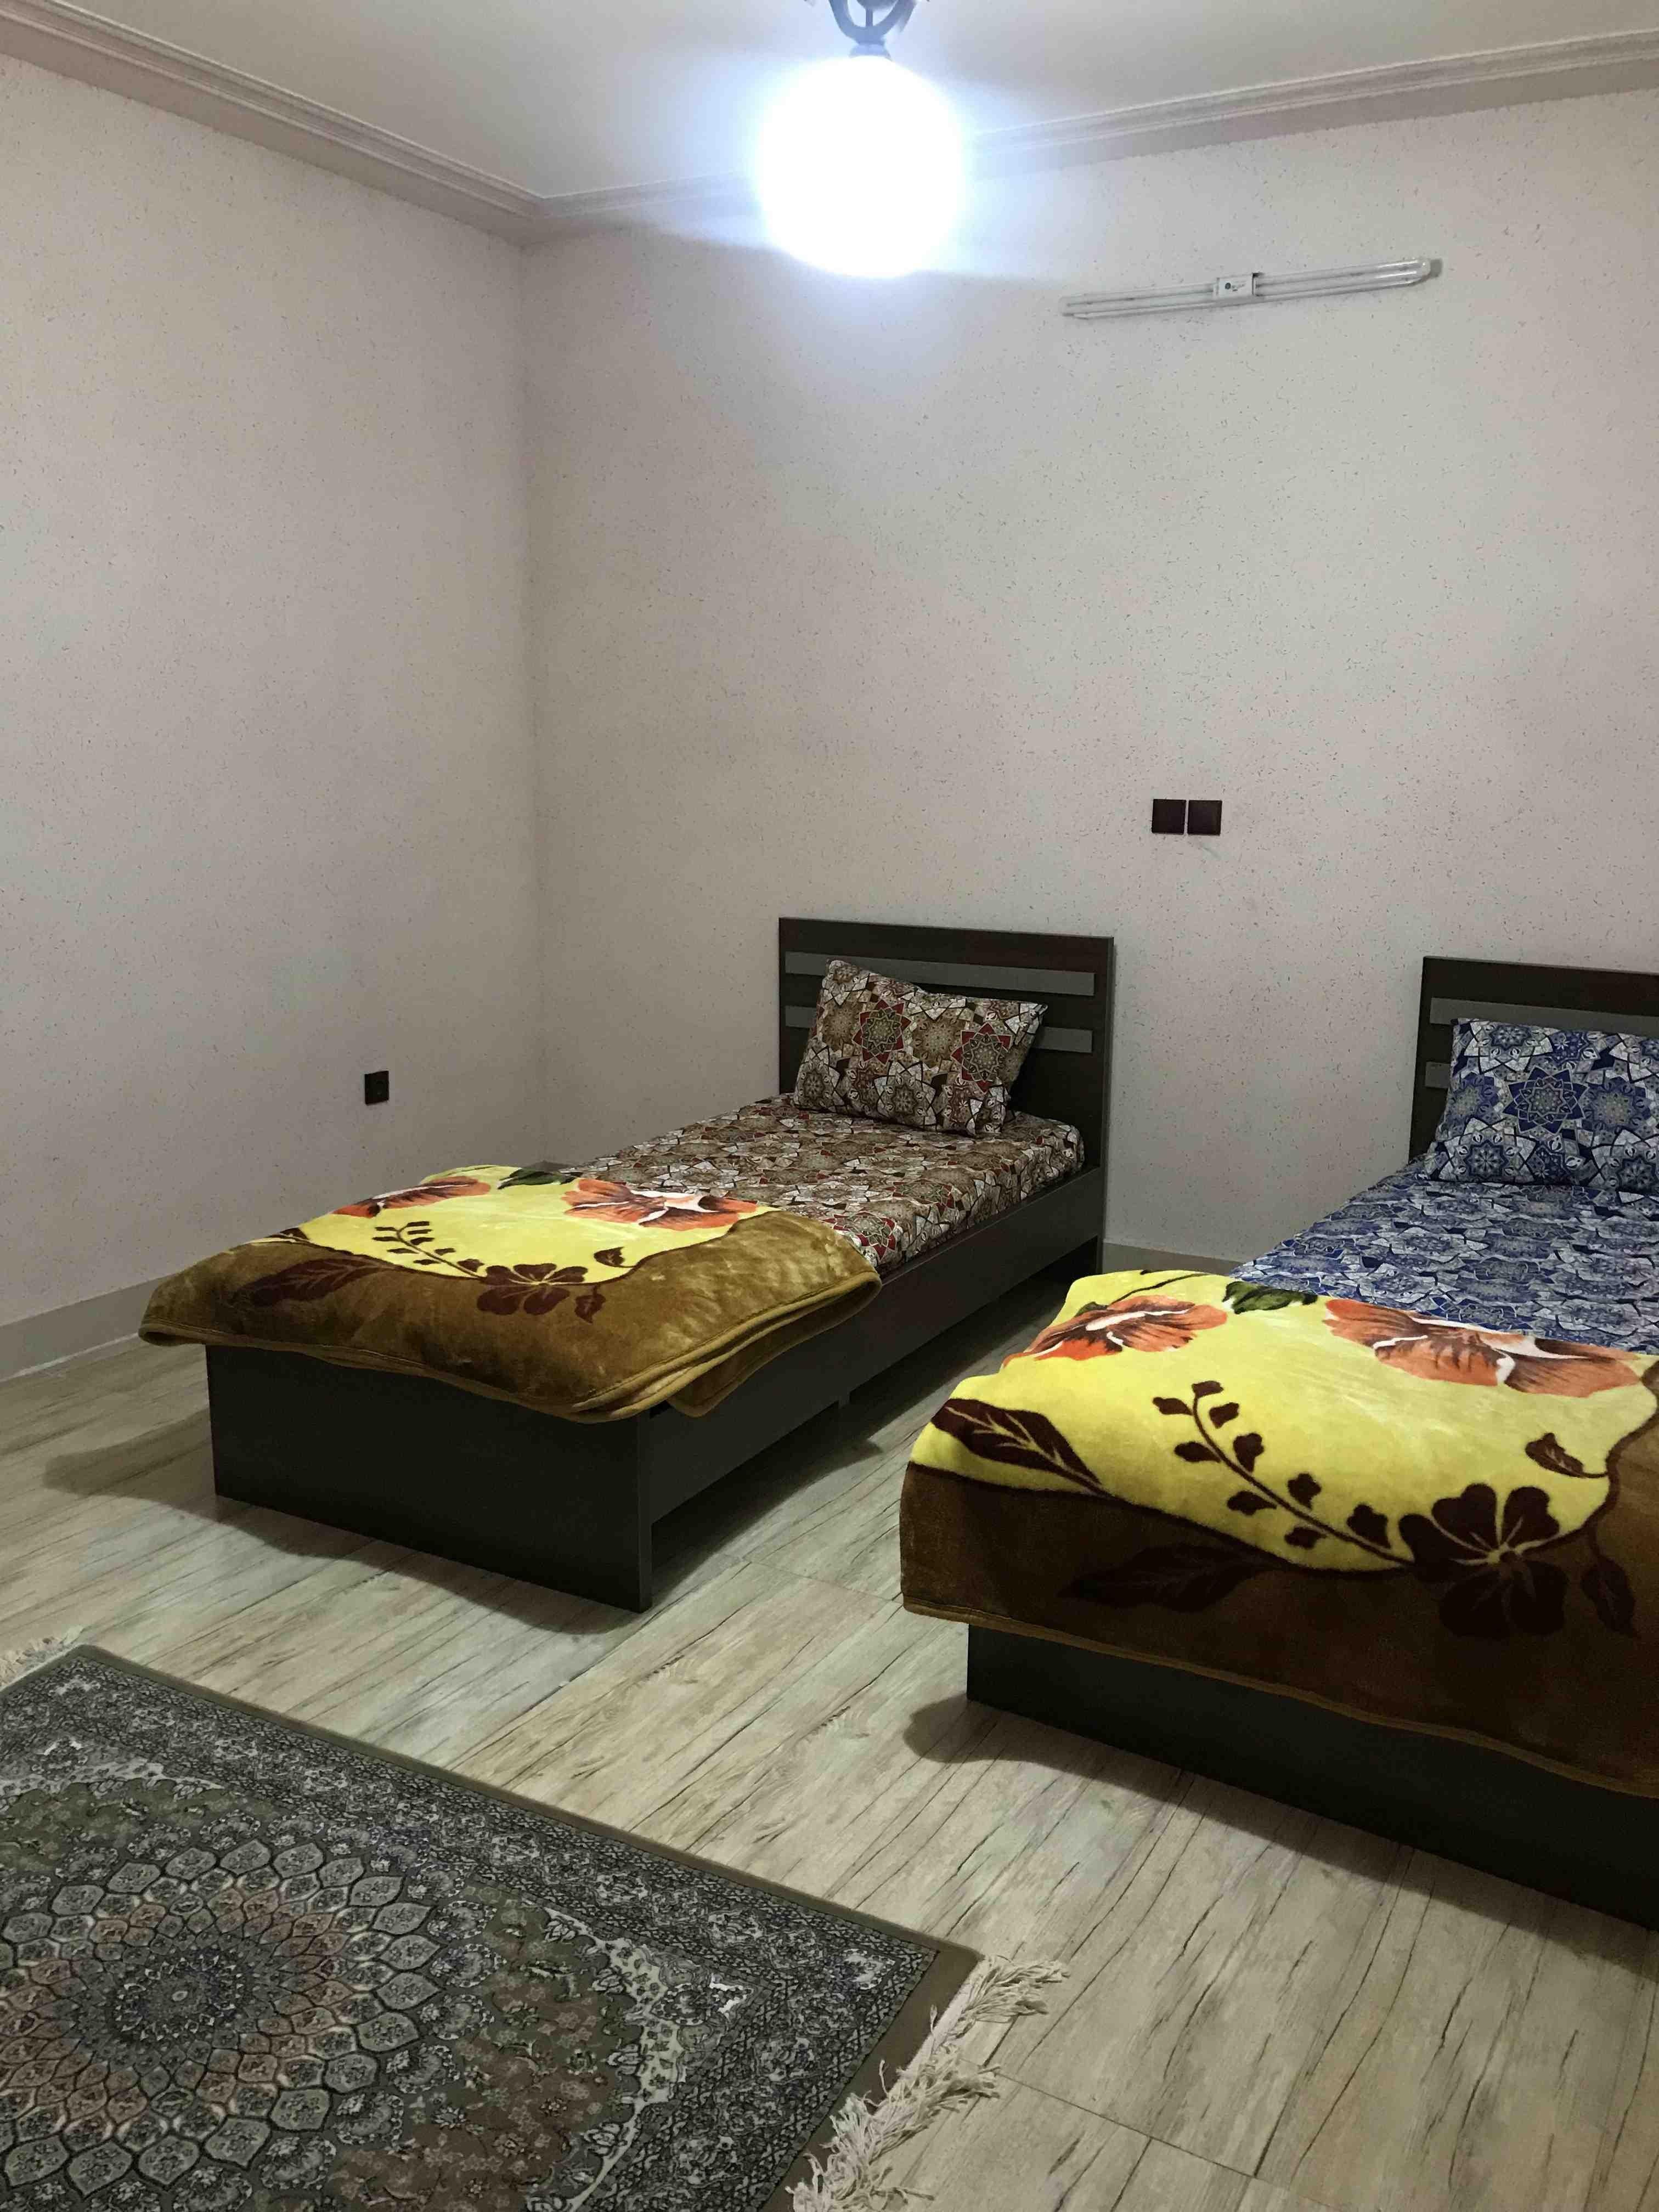 شهری آپارتمان لوکس در دلگشا شیراز